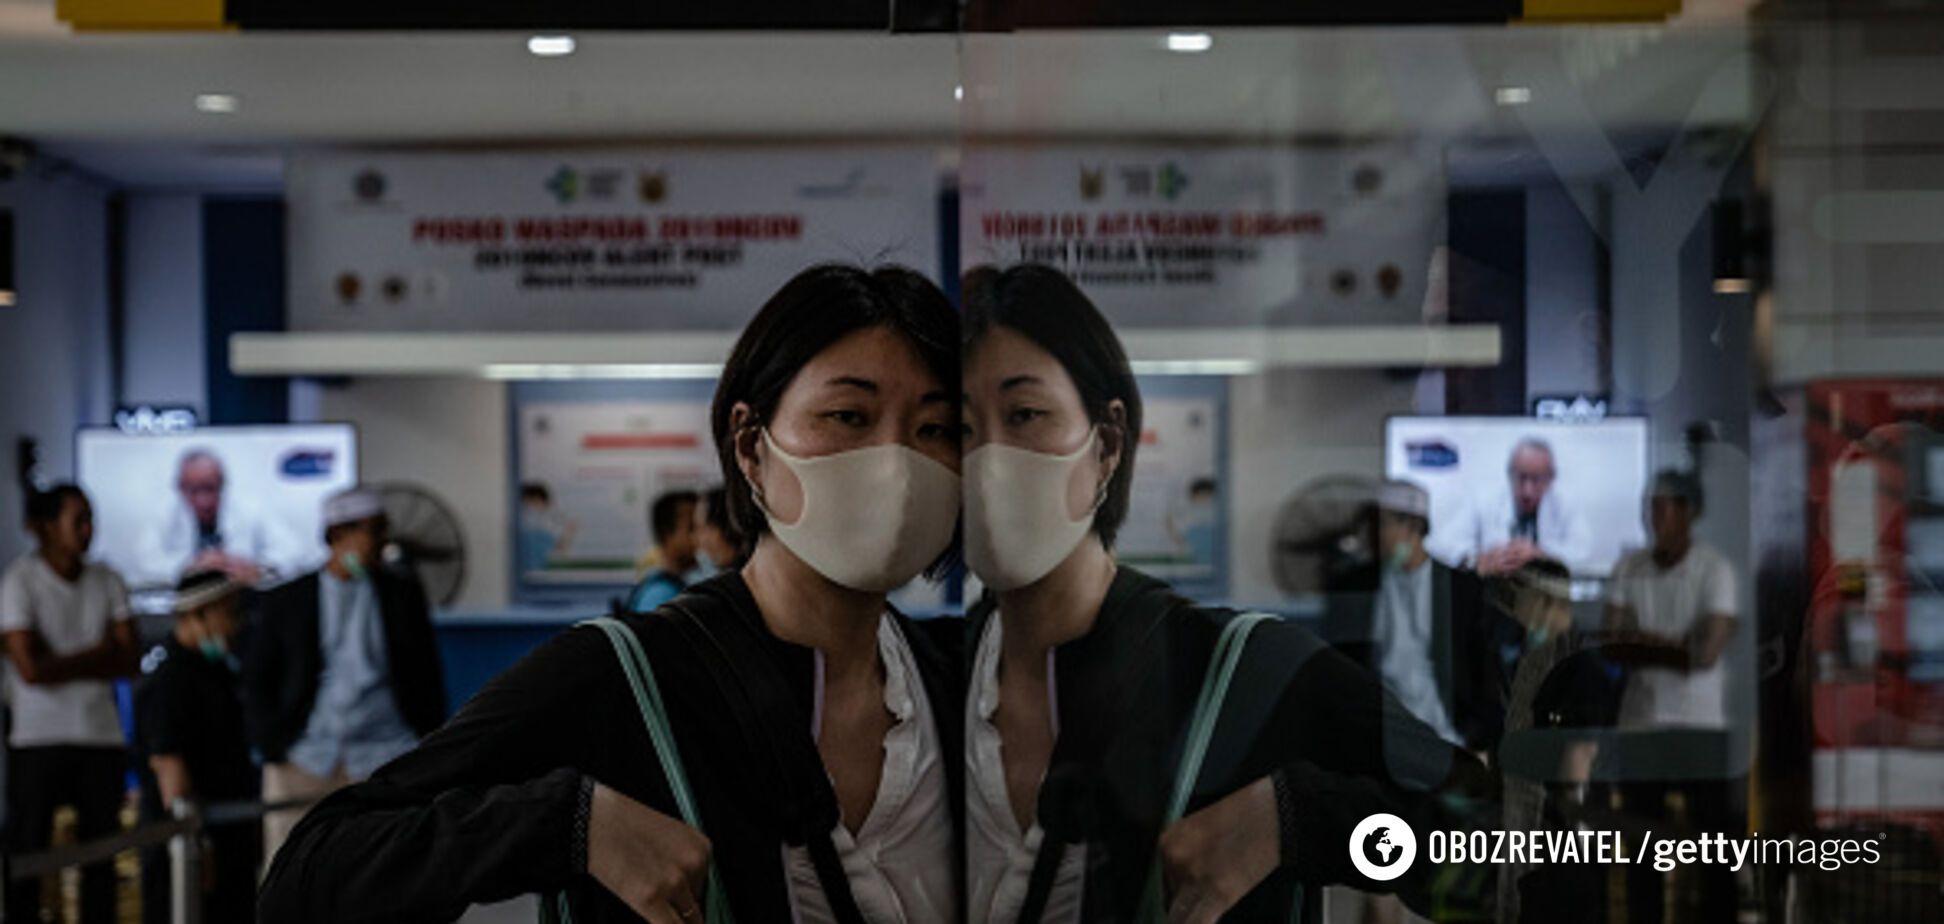 Коронавирус прибавил ходу: статистика распространения в мире